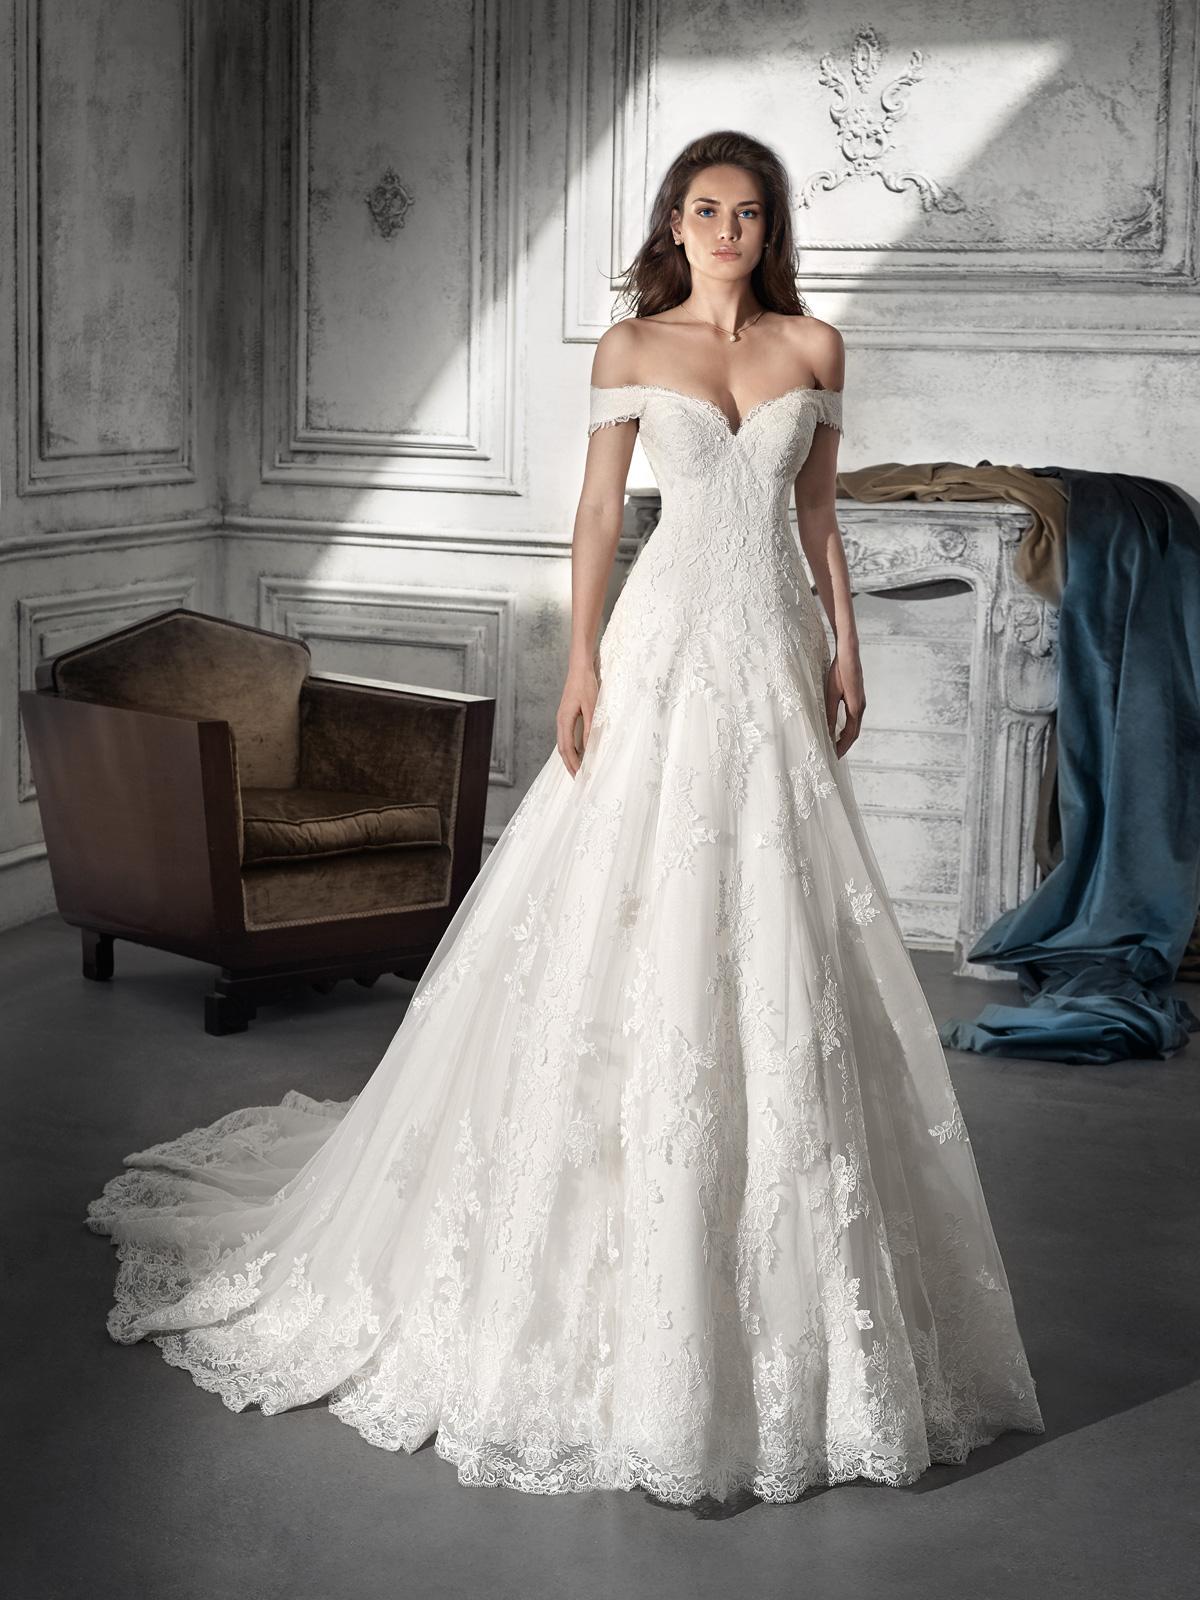 Vestido de Noiva de renda e lindíssimo decote ombro a ombro. Caimento impecável em corte clássico evasê !!